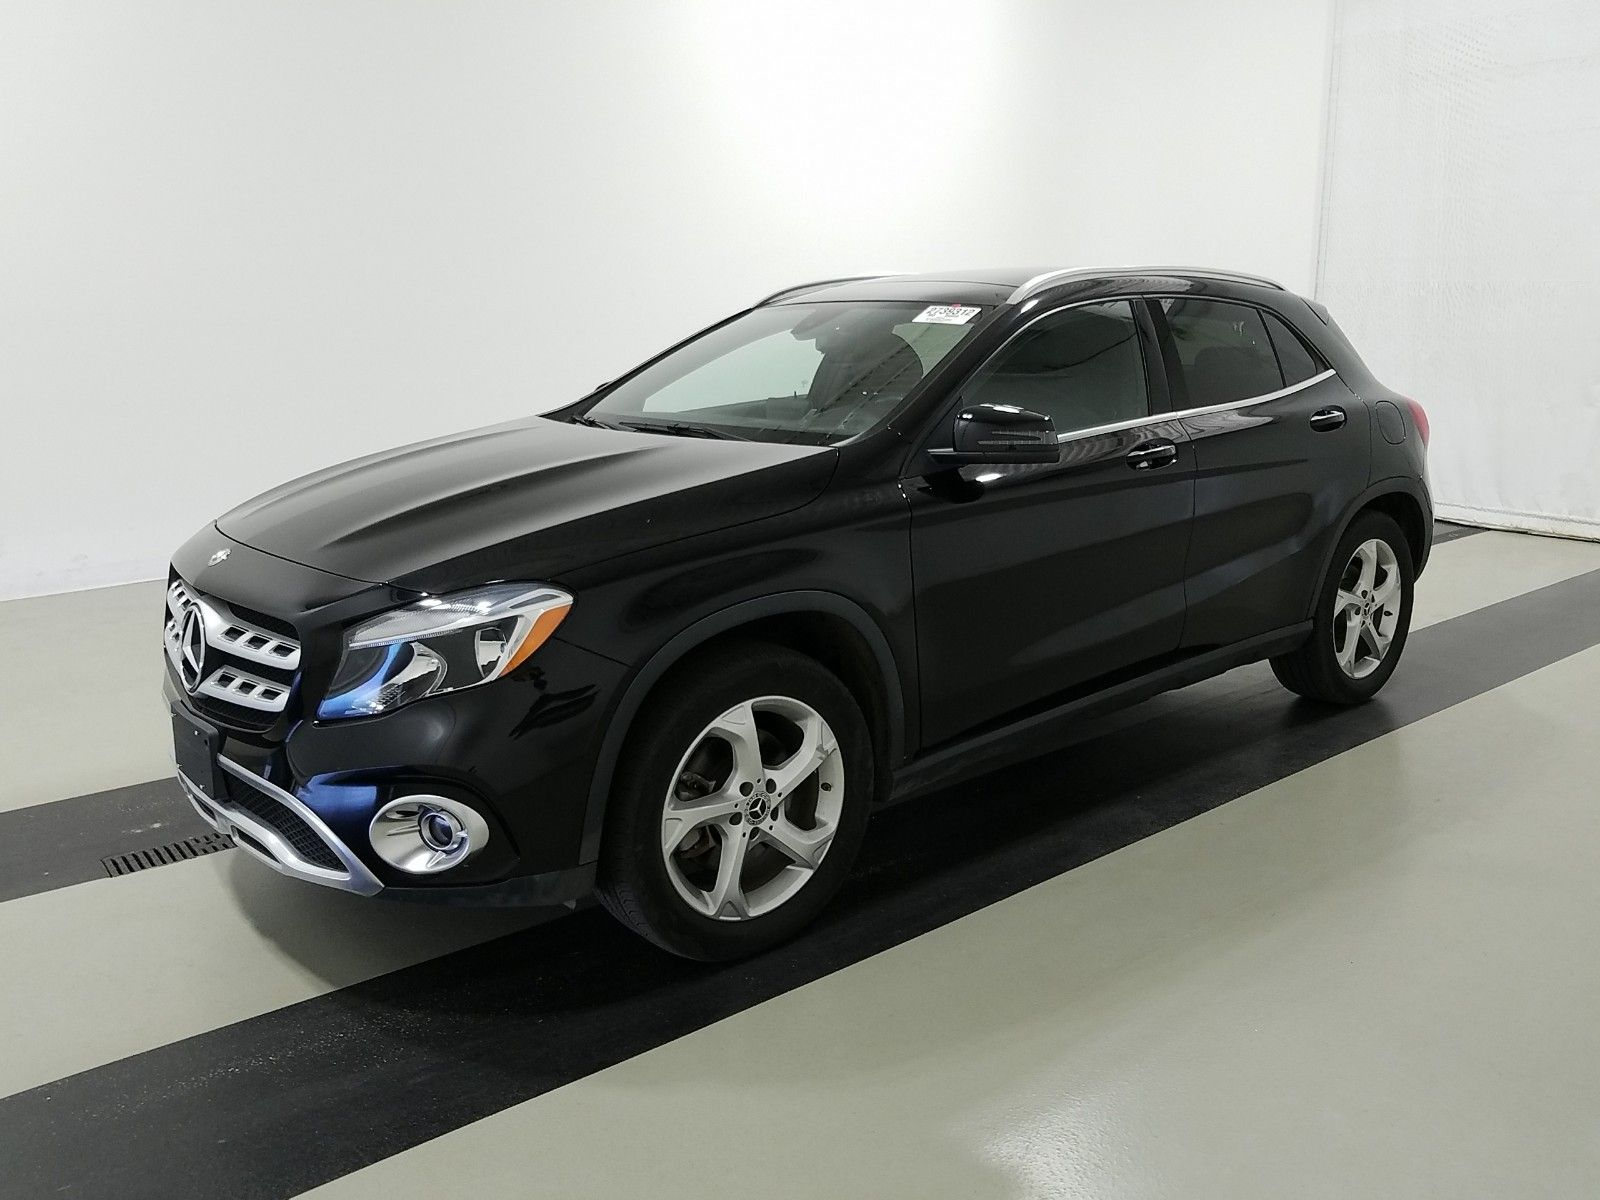 2018 Mercedes-benz Gla 2.0. Lot 99913219807 Vin WDCTG4GB9JJ412172